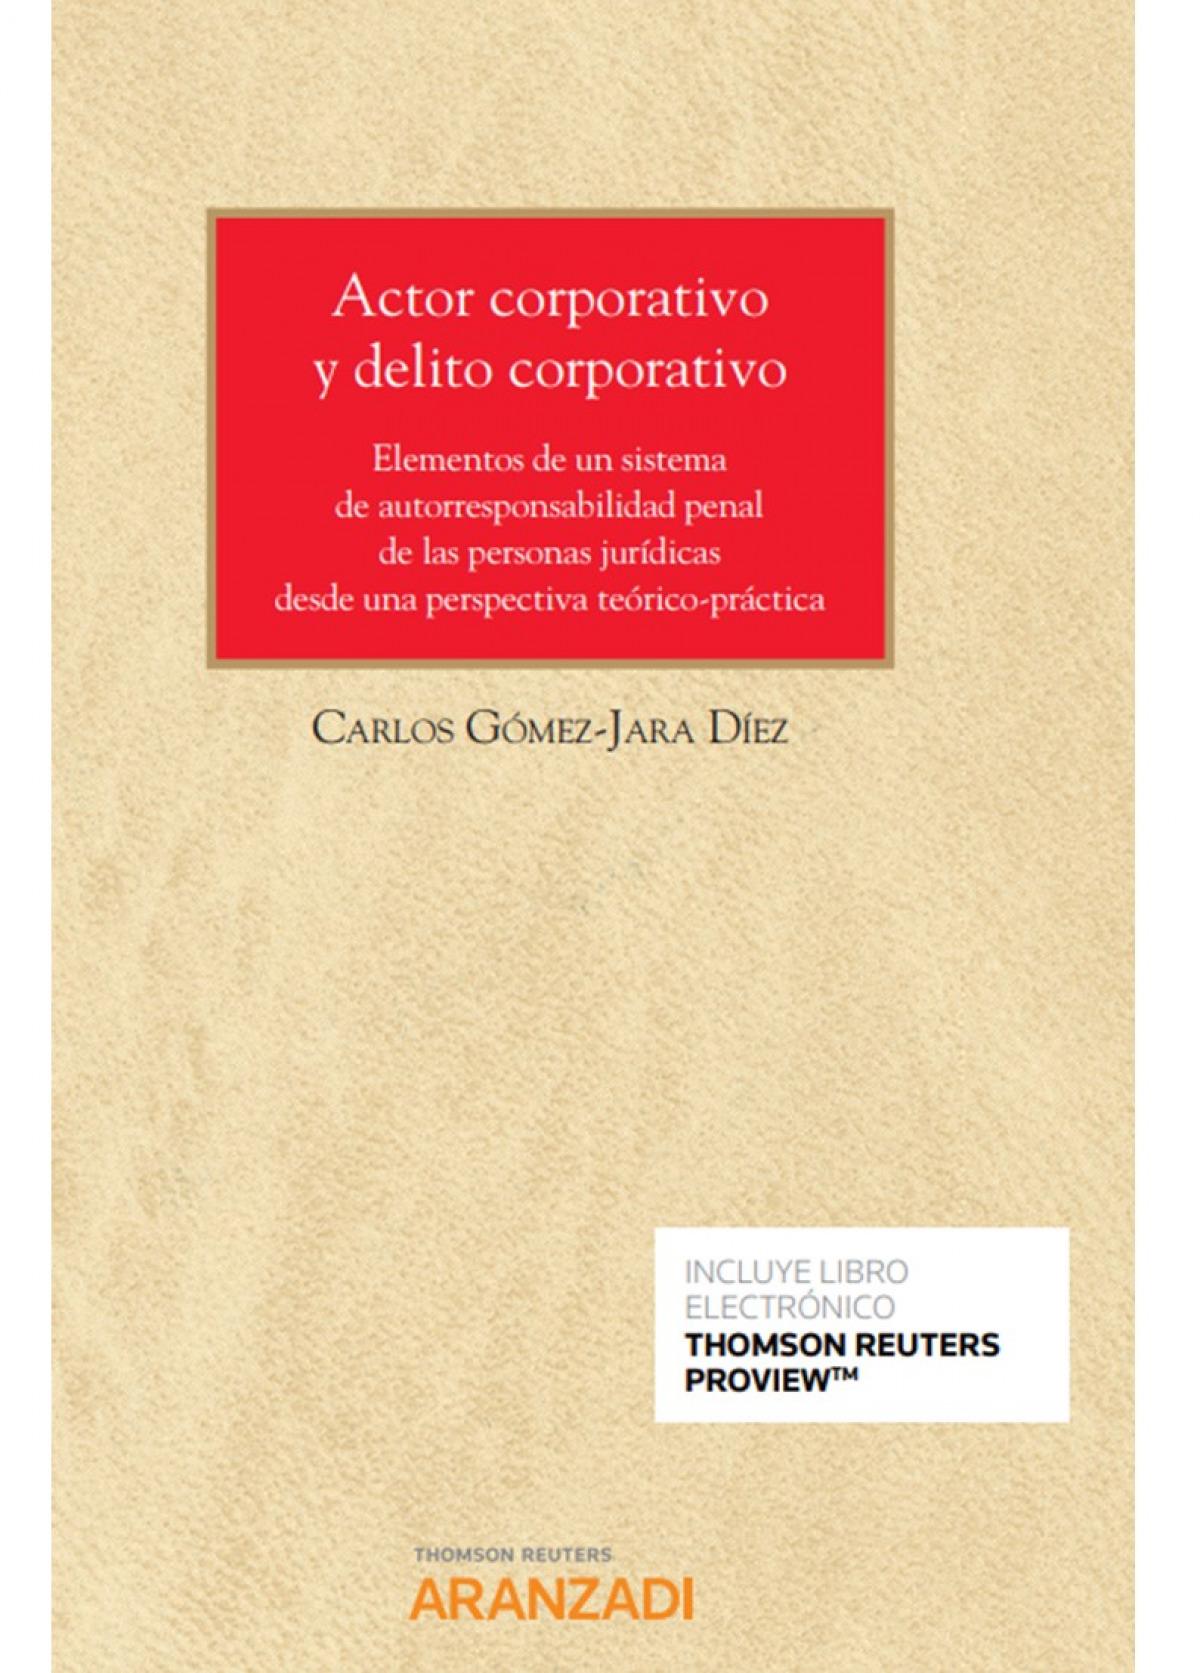 Actor corporativo y delito corporativo 9788413455303